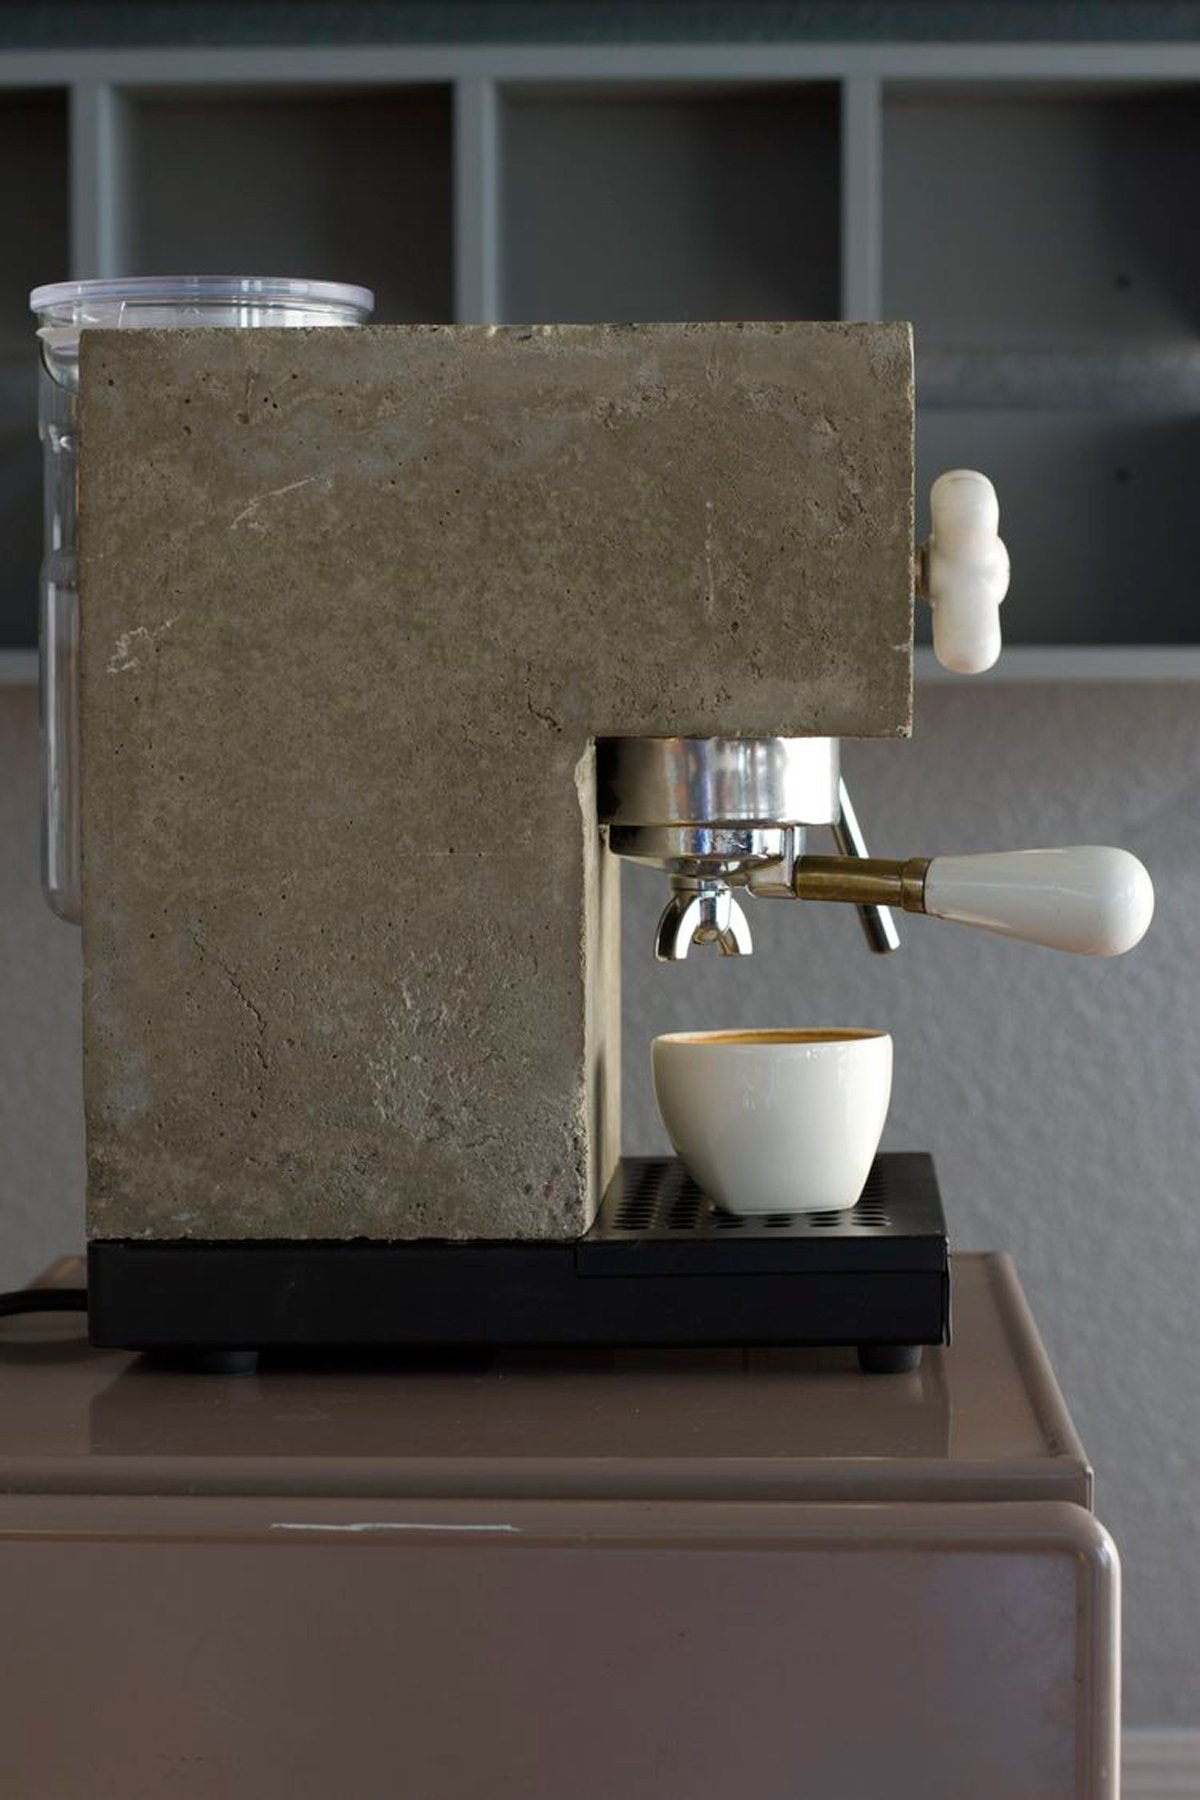 anza_concrete_espresso_machine_5